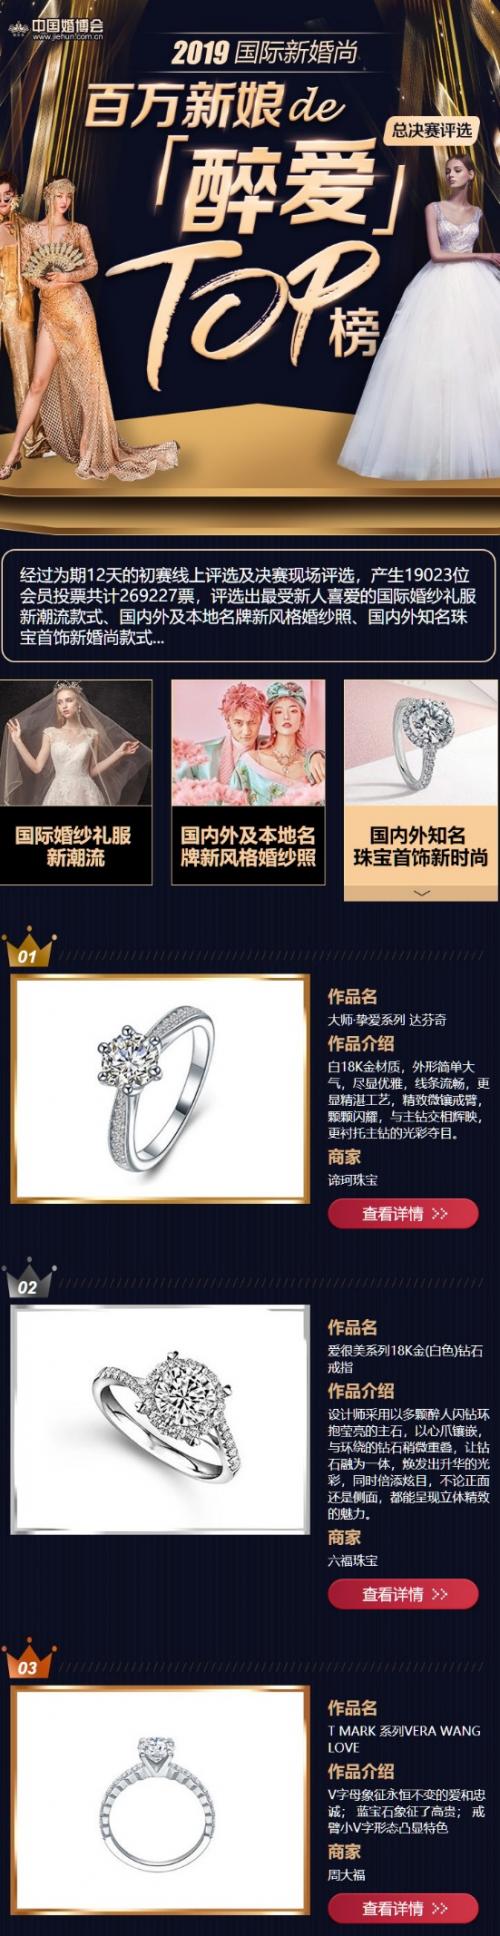 谛珂珠宝圆满谢幕2019年中国婚博会 荣获最受武汉